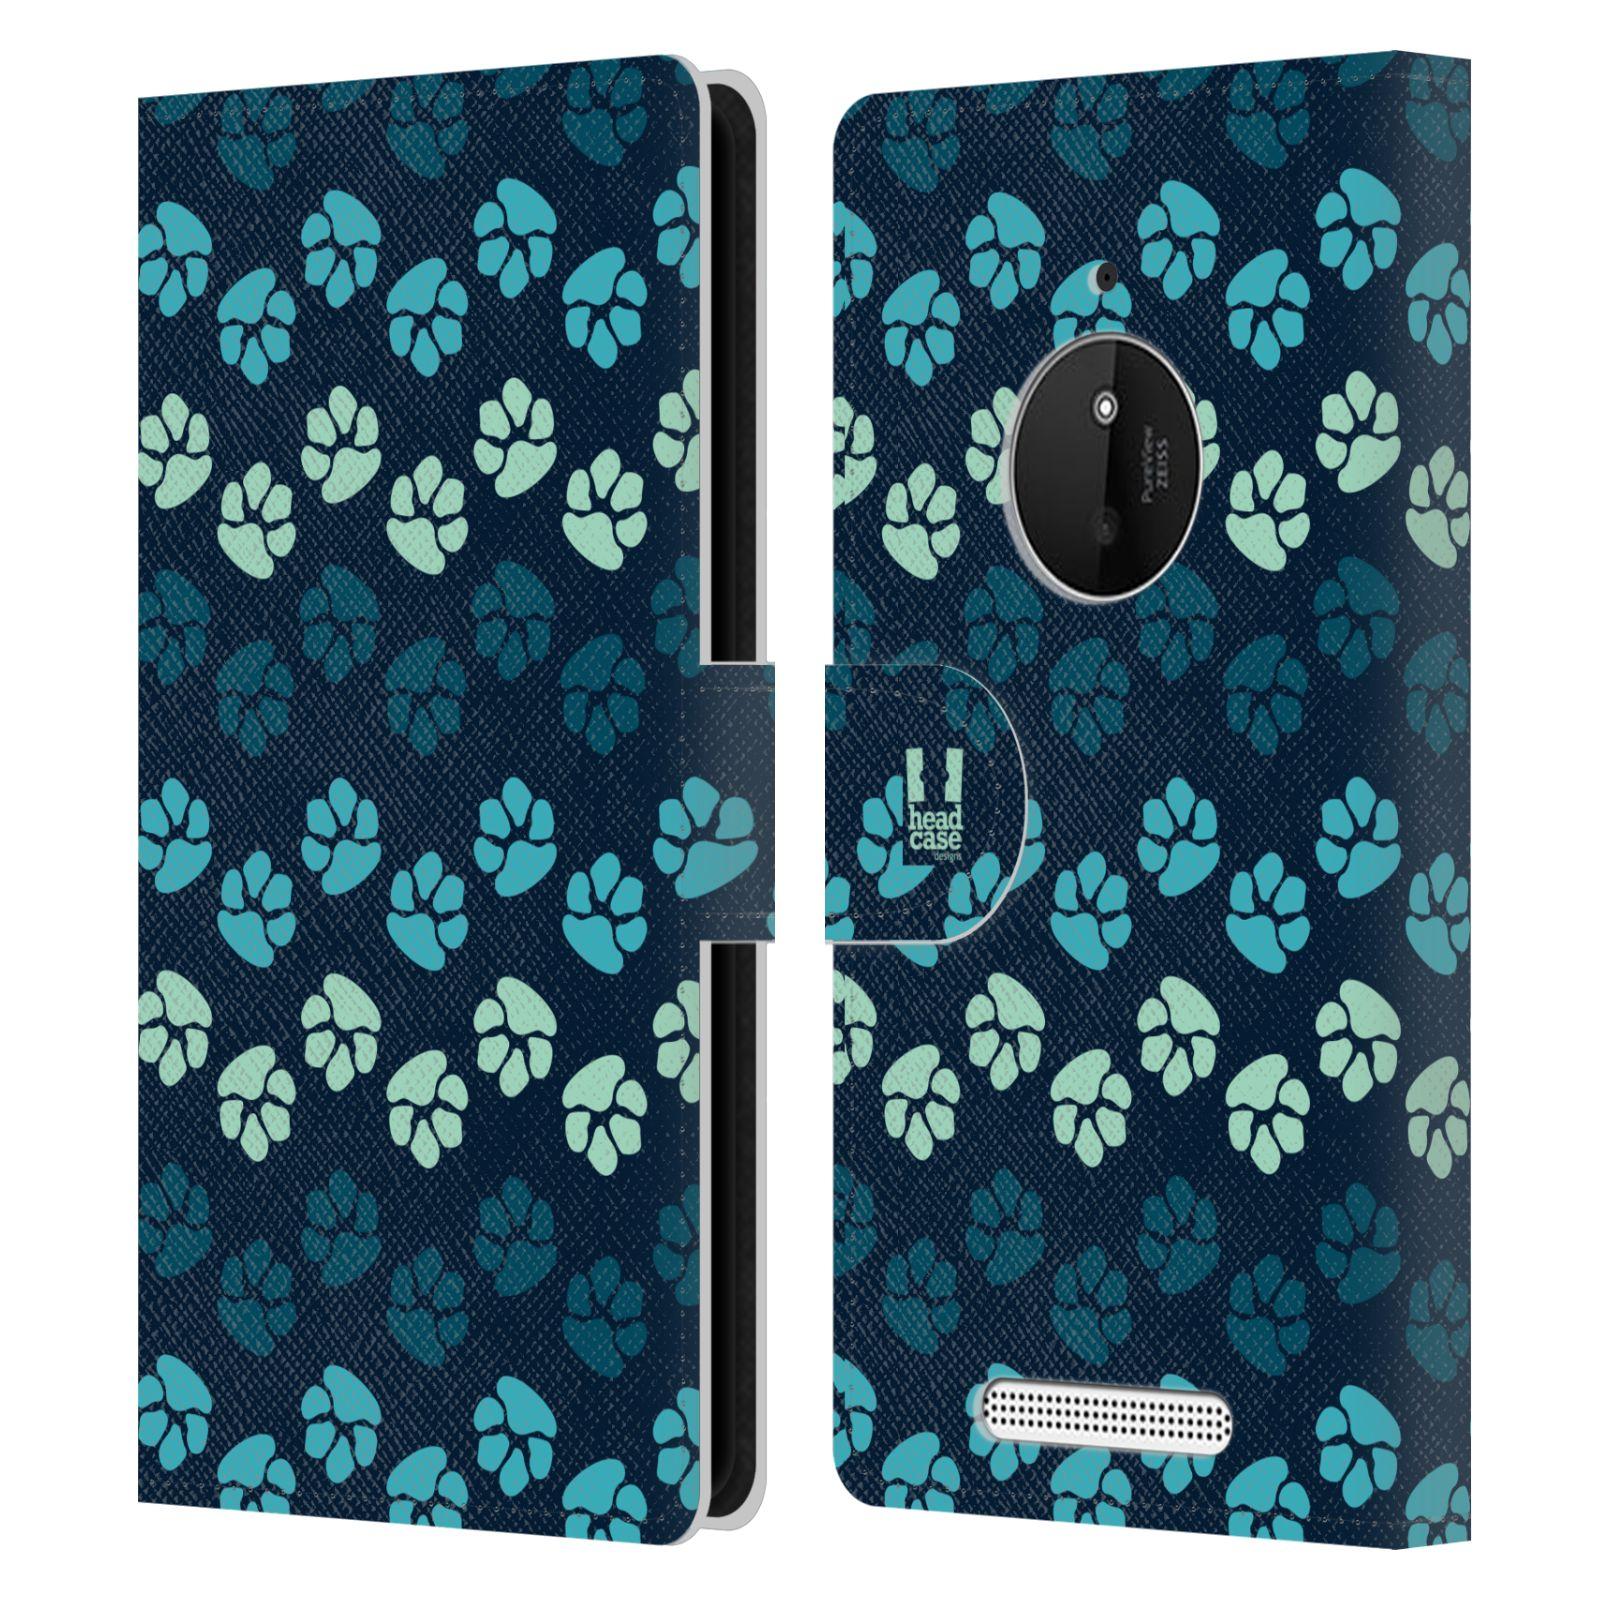 HEAD CASE Flipové pouzdro pro mobil NOKIA LUMIA 830 Pejsek ťapky modrá barva